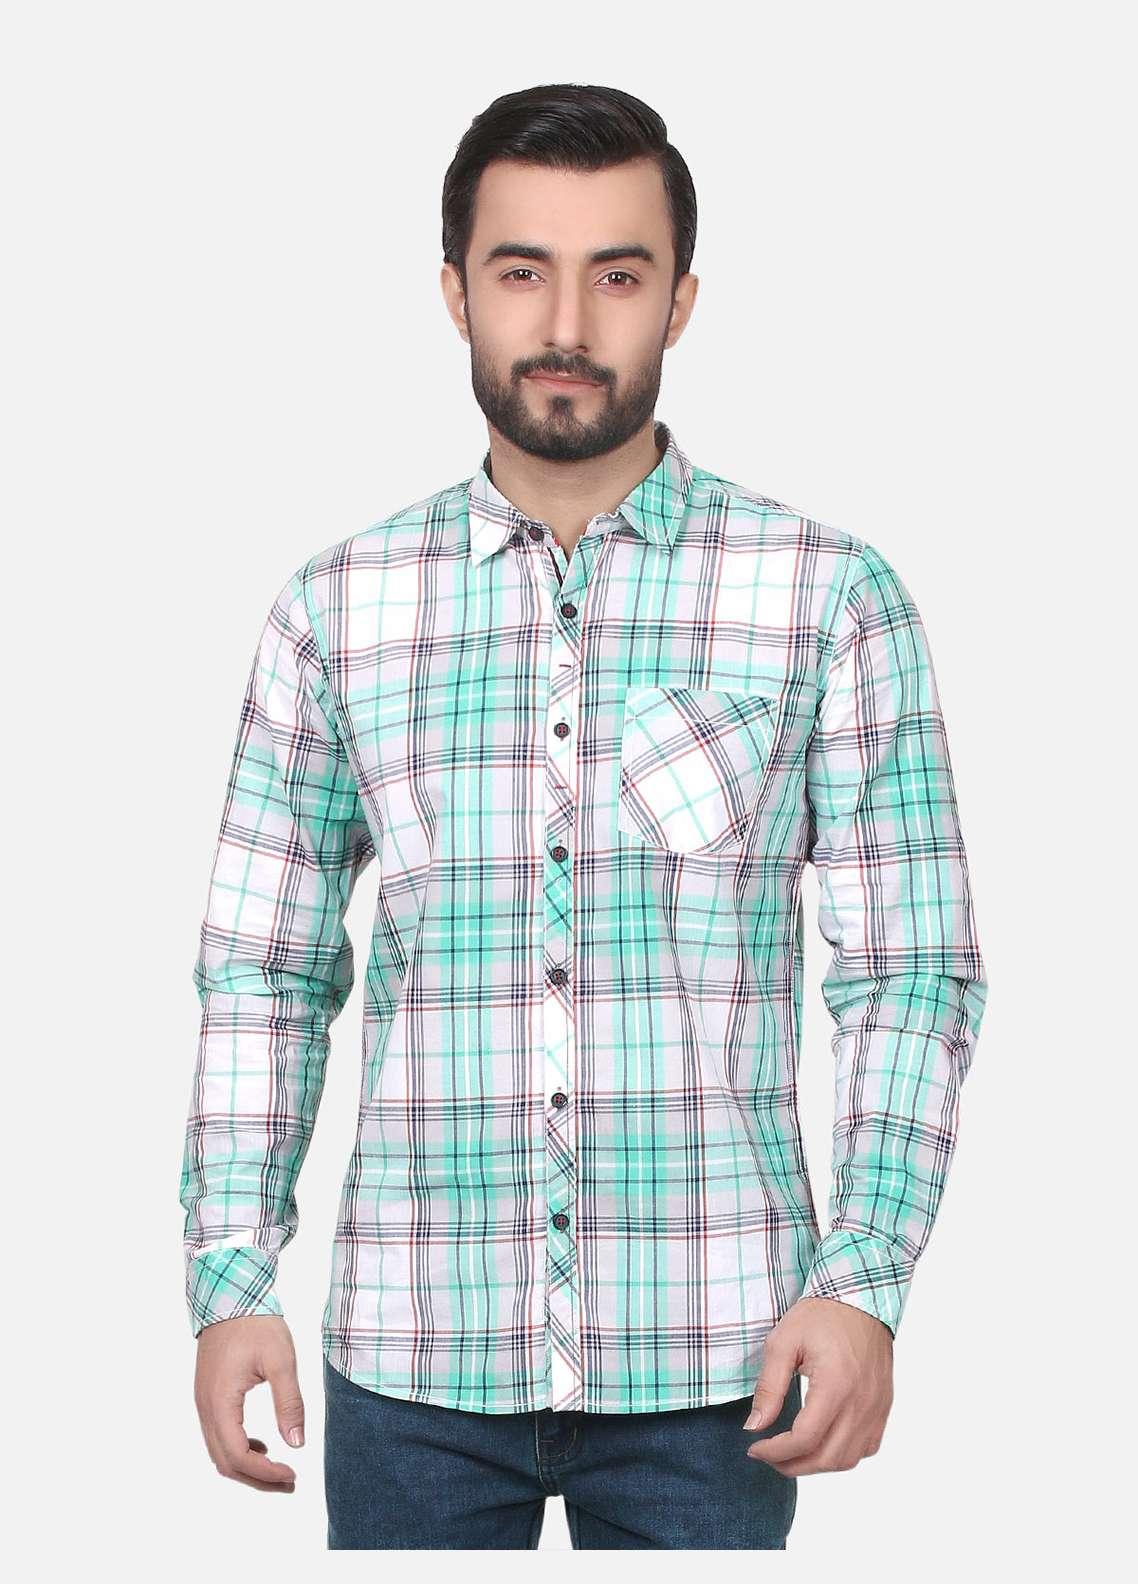 Furor  Casual Shirts for Men - Green FRM18CS 31114